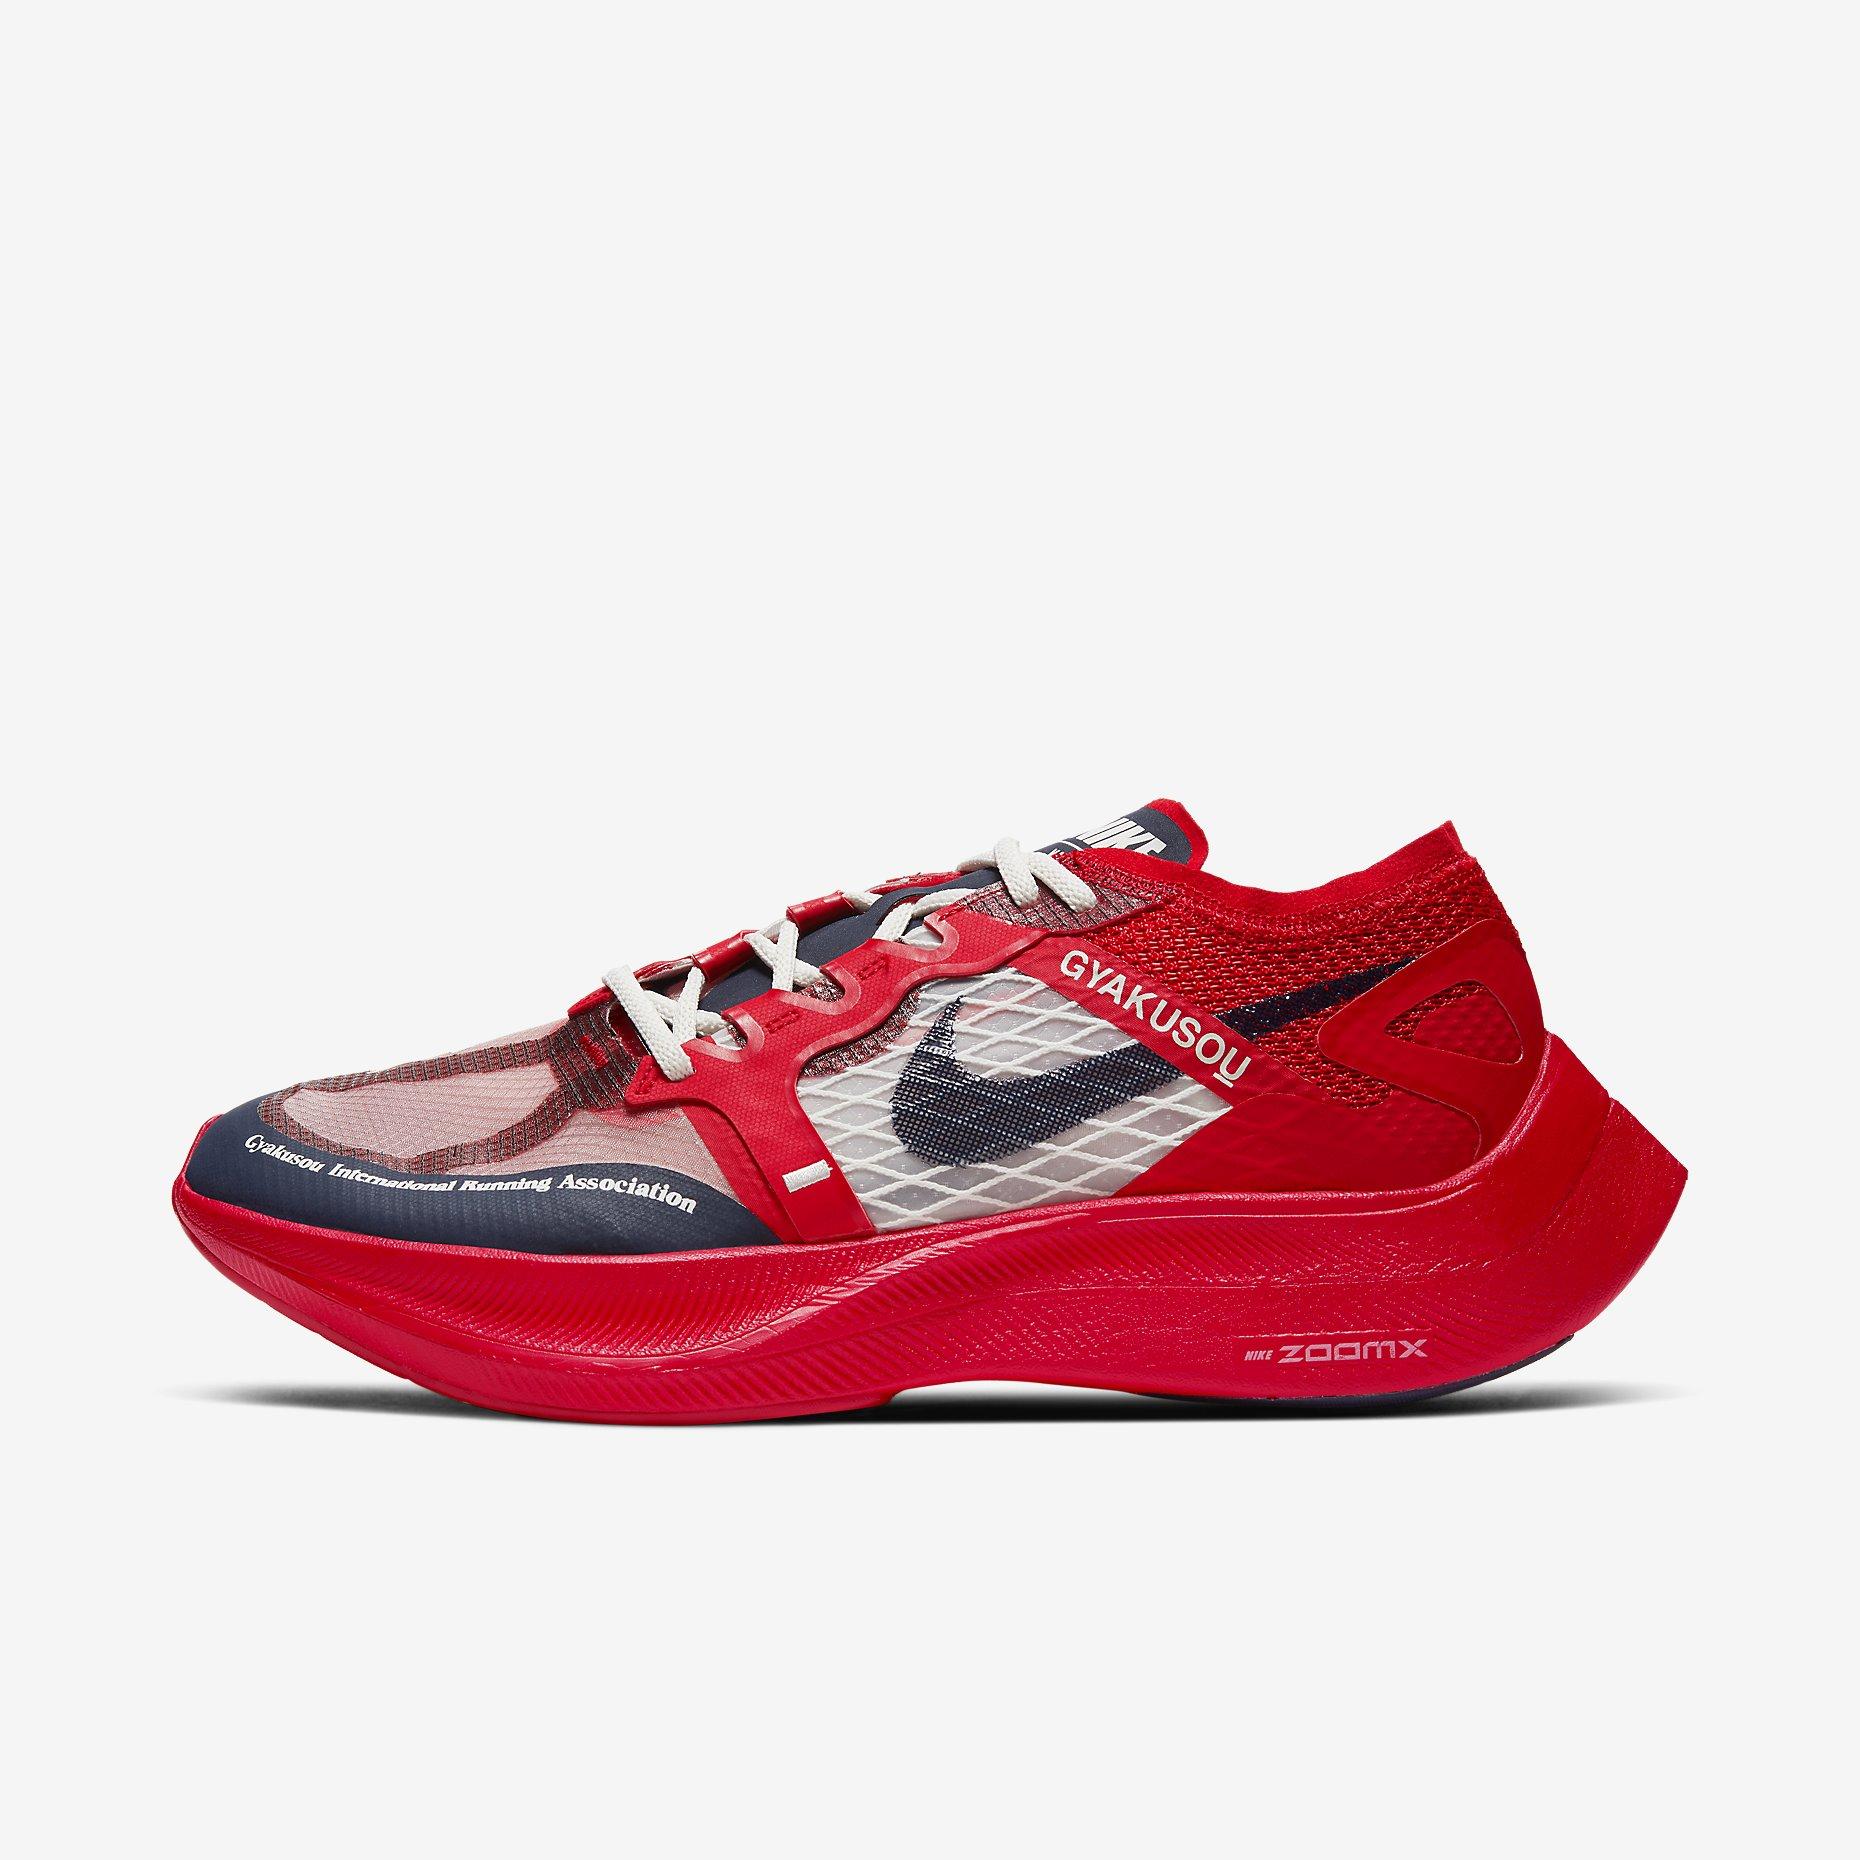 Gyakusou x Nike ZoomX Vaporfly Next% 'University Red'